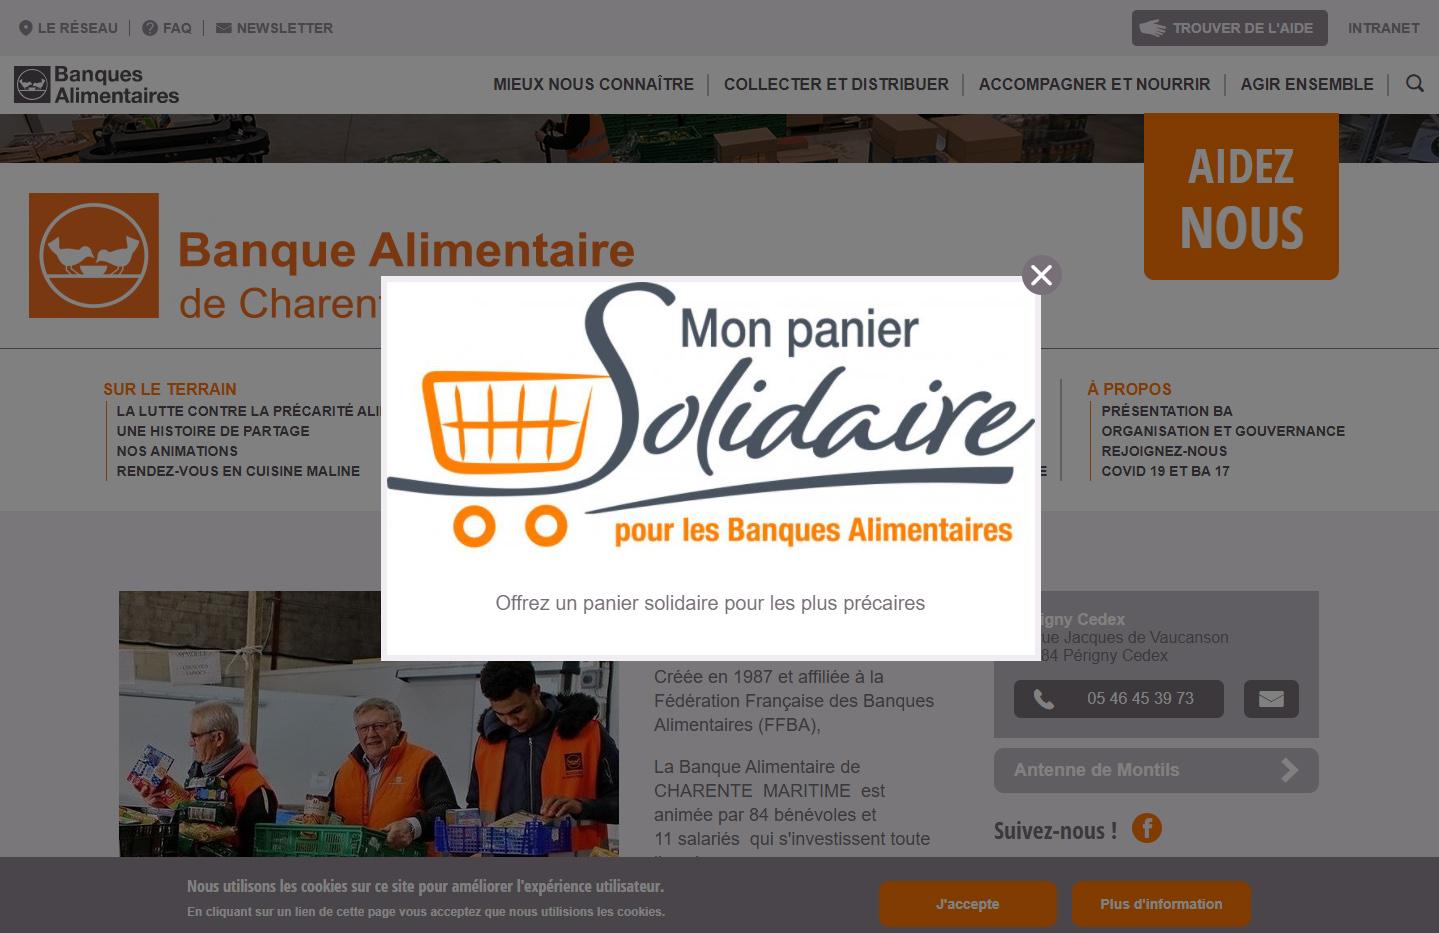 Mon panier solidaire La Banque alimentaire ©DR